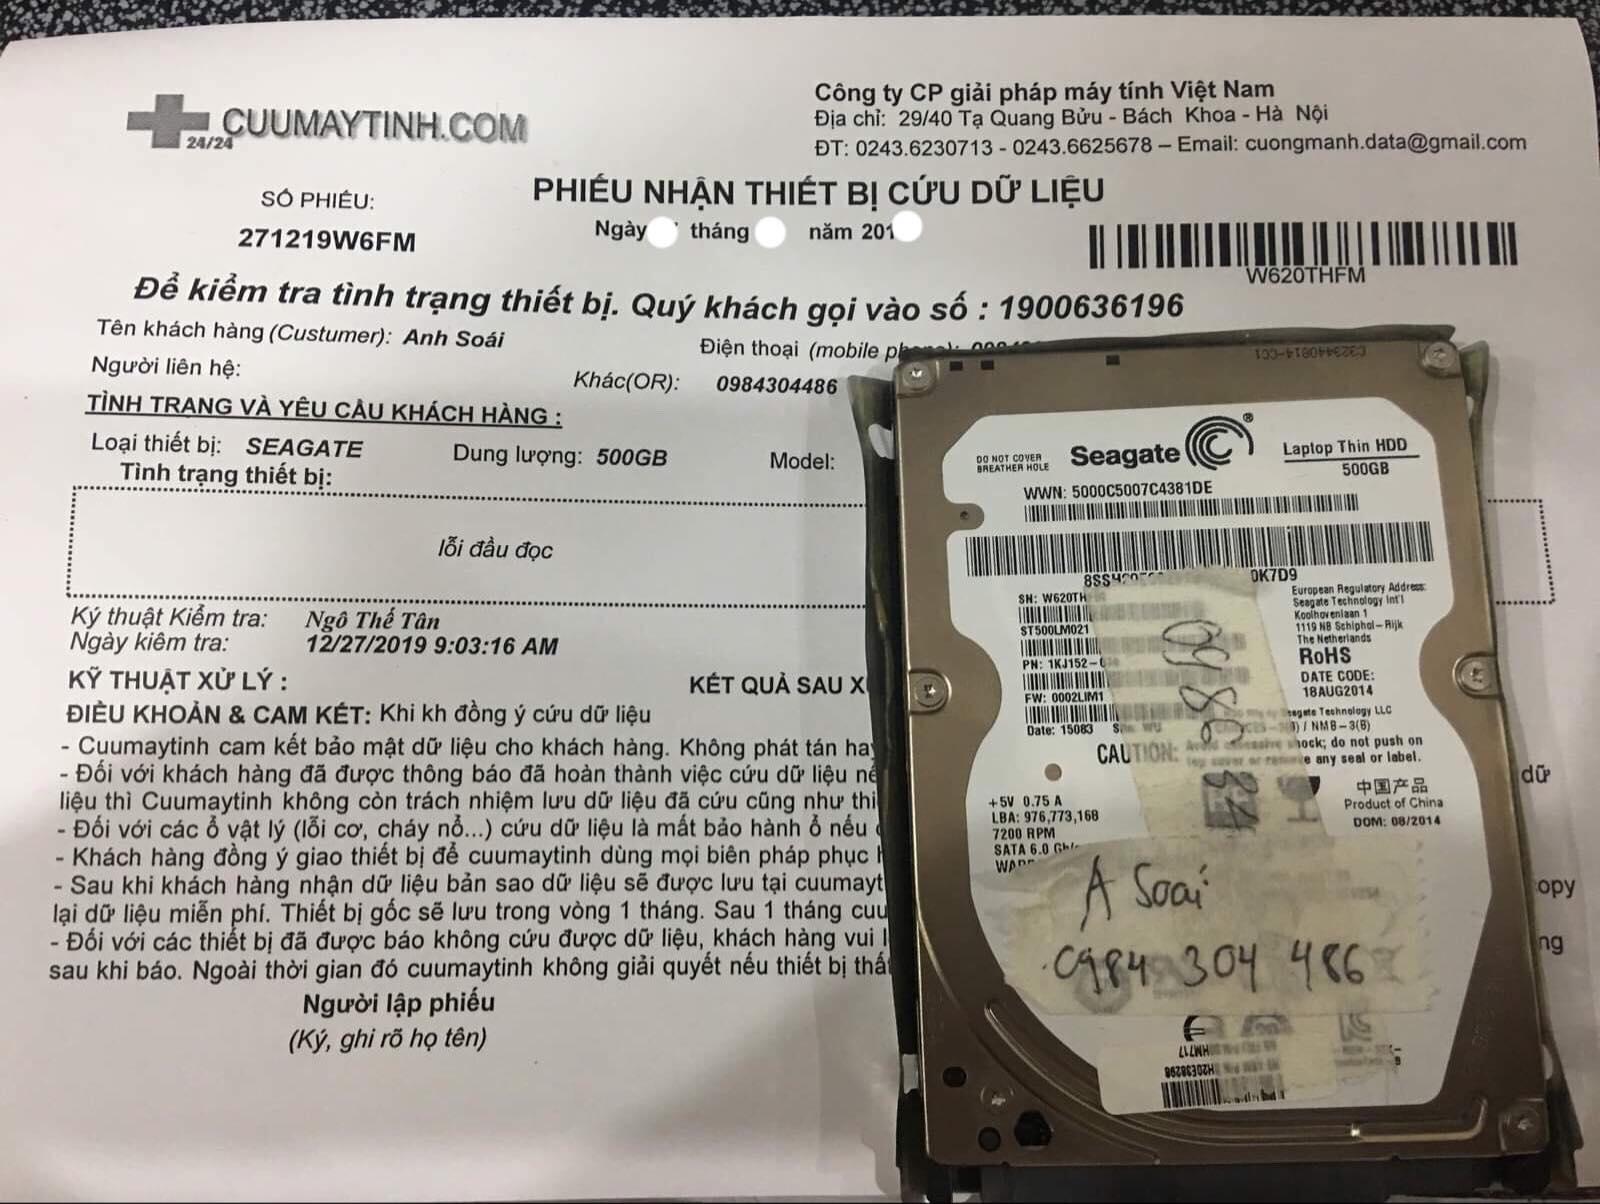 Lấy dữ liệu ổ cứng Seagate 500GB bó cơ 04/01/2020  - cuumaytinh